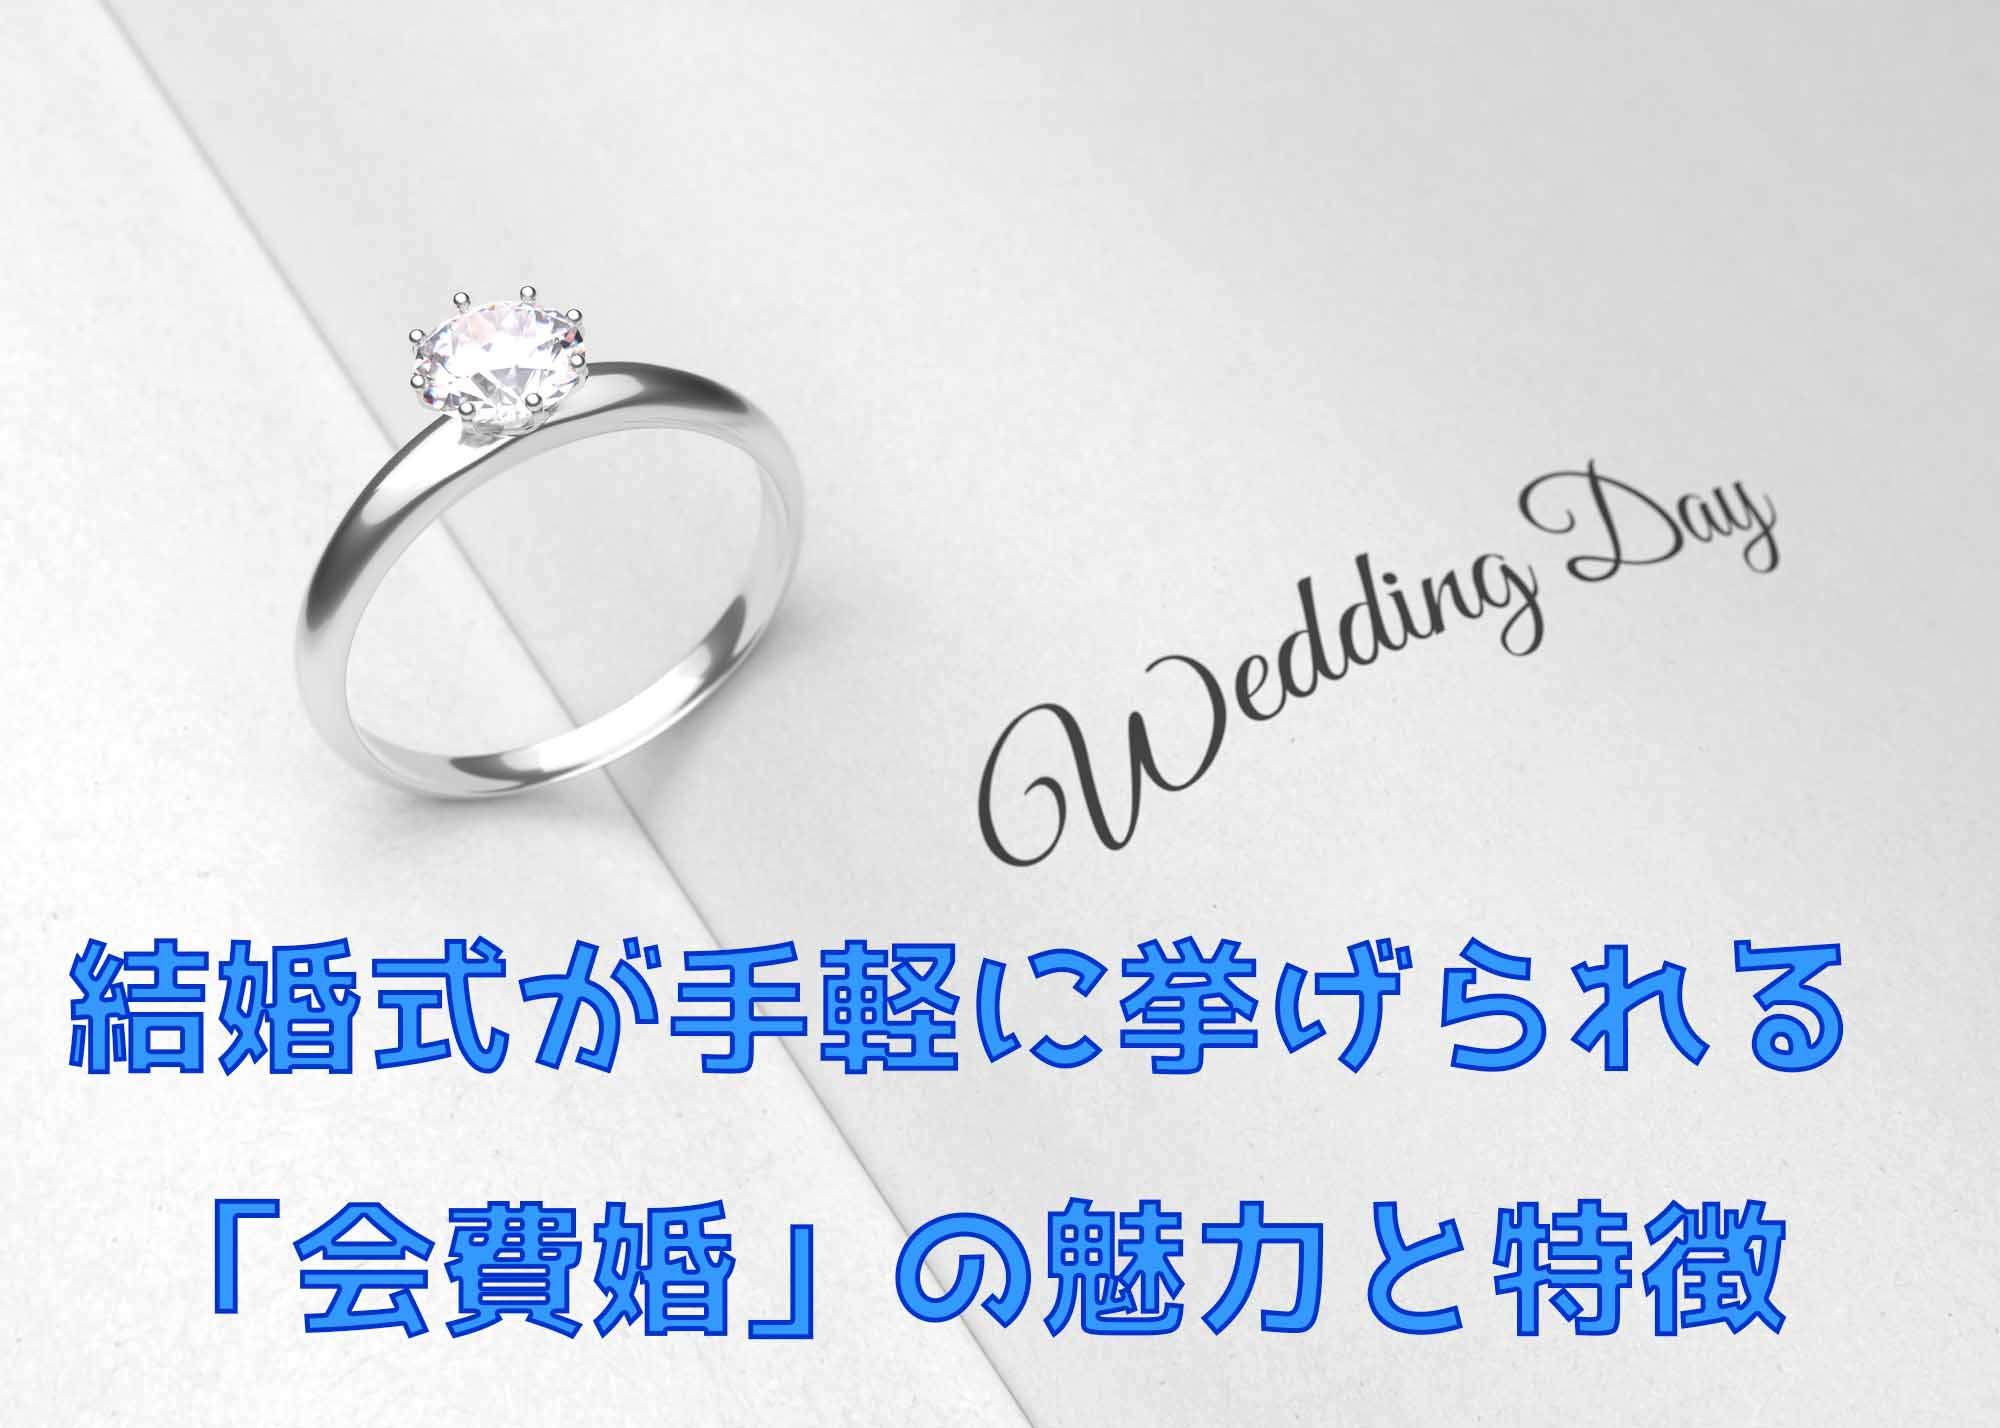 結婚式が手軽に挙げられる「会費婚」の魅力と特徴